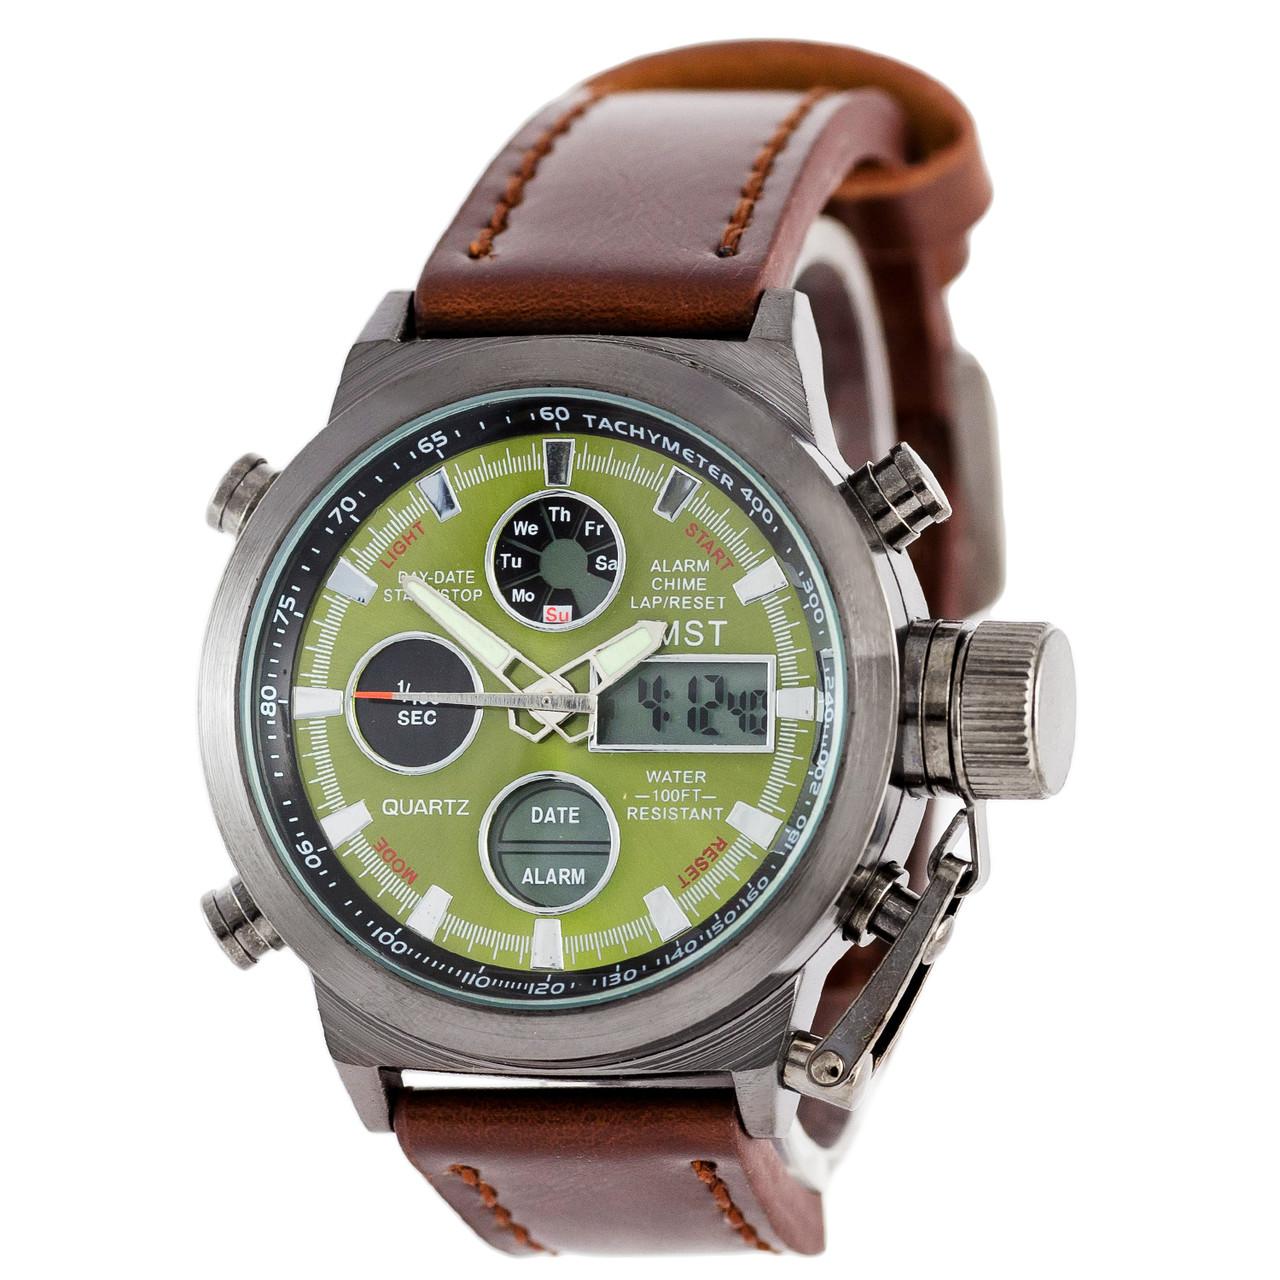 Мужские наручные часы AMST AM3003 Brown/Black/Green